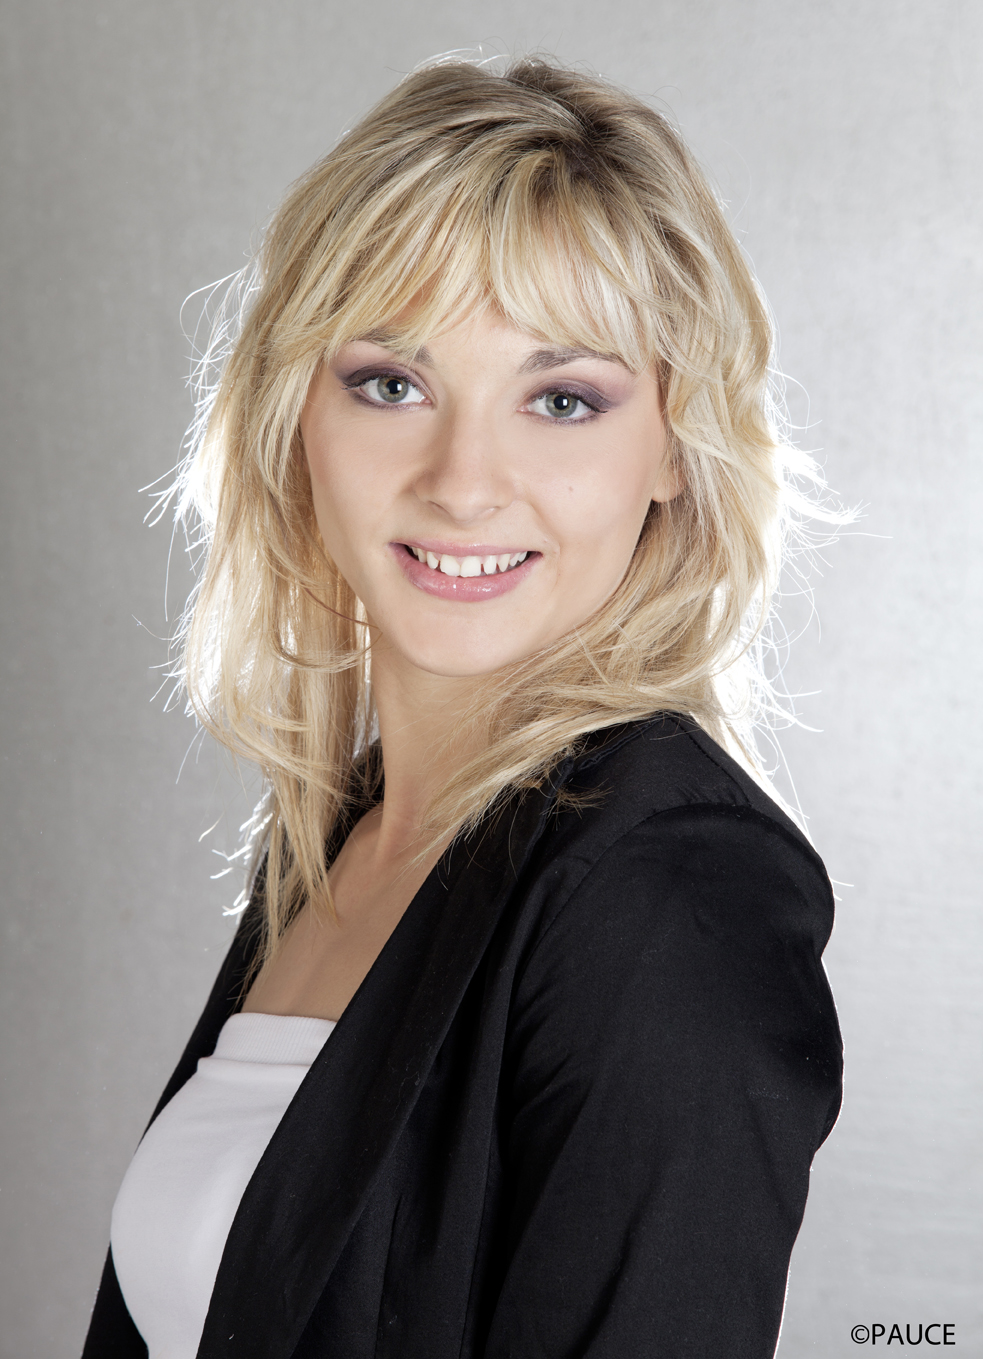 Automne Pavia élue médaillée française la plus sexy des JO de ...